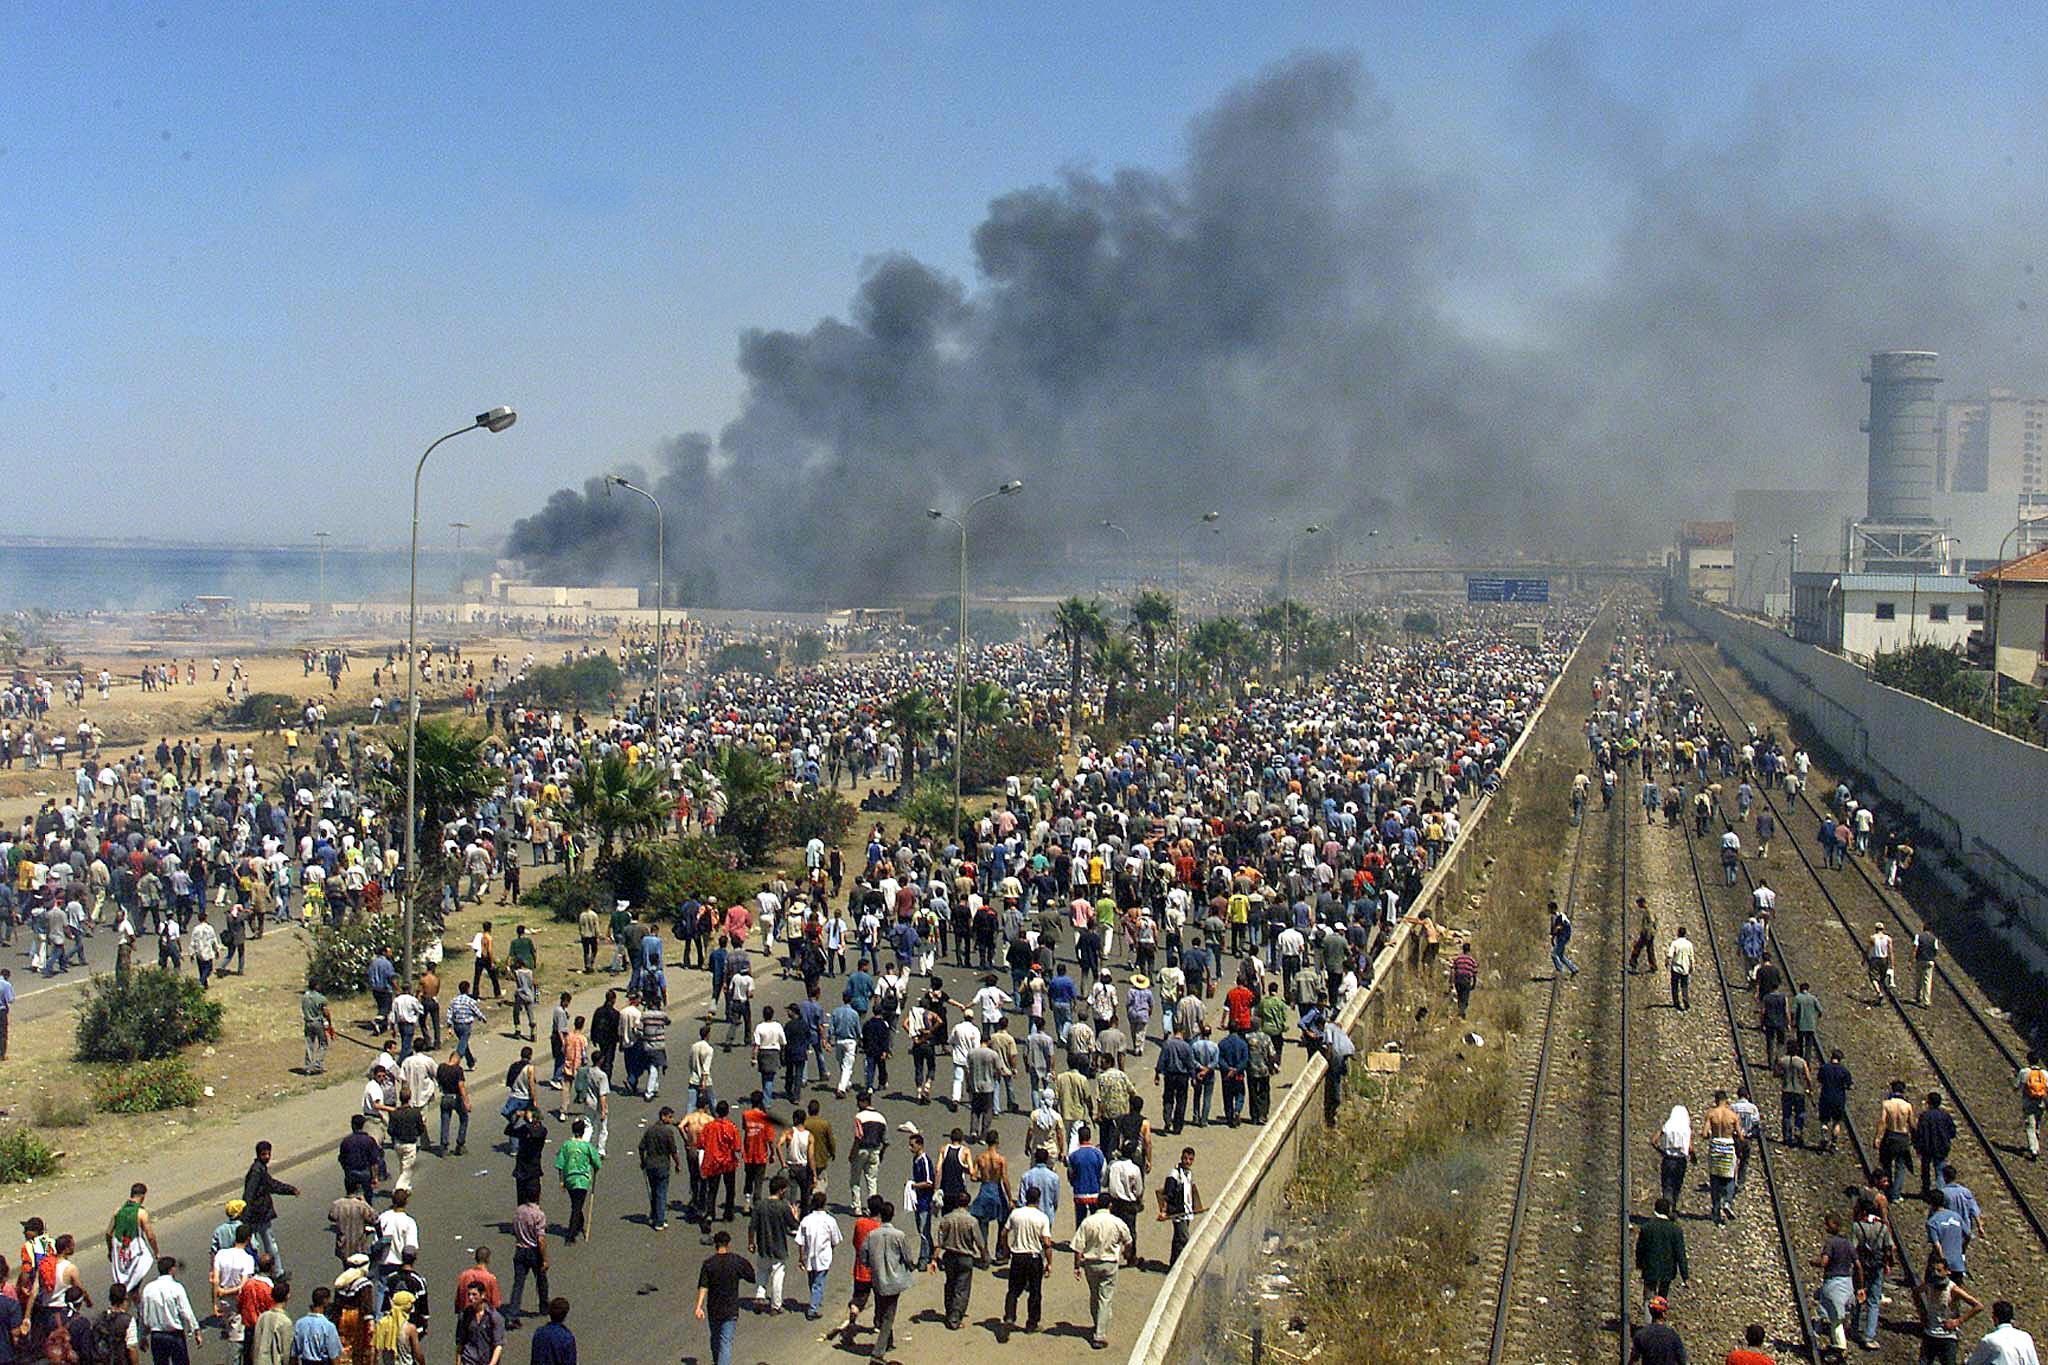 Des heurts violents opposent des manifestants kabyles anti-Bouteflika et forces de l'ordre, à Alger, le 14 juin 2001.